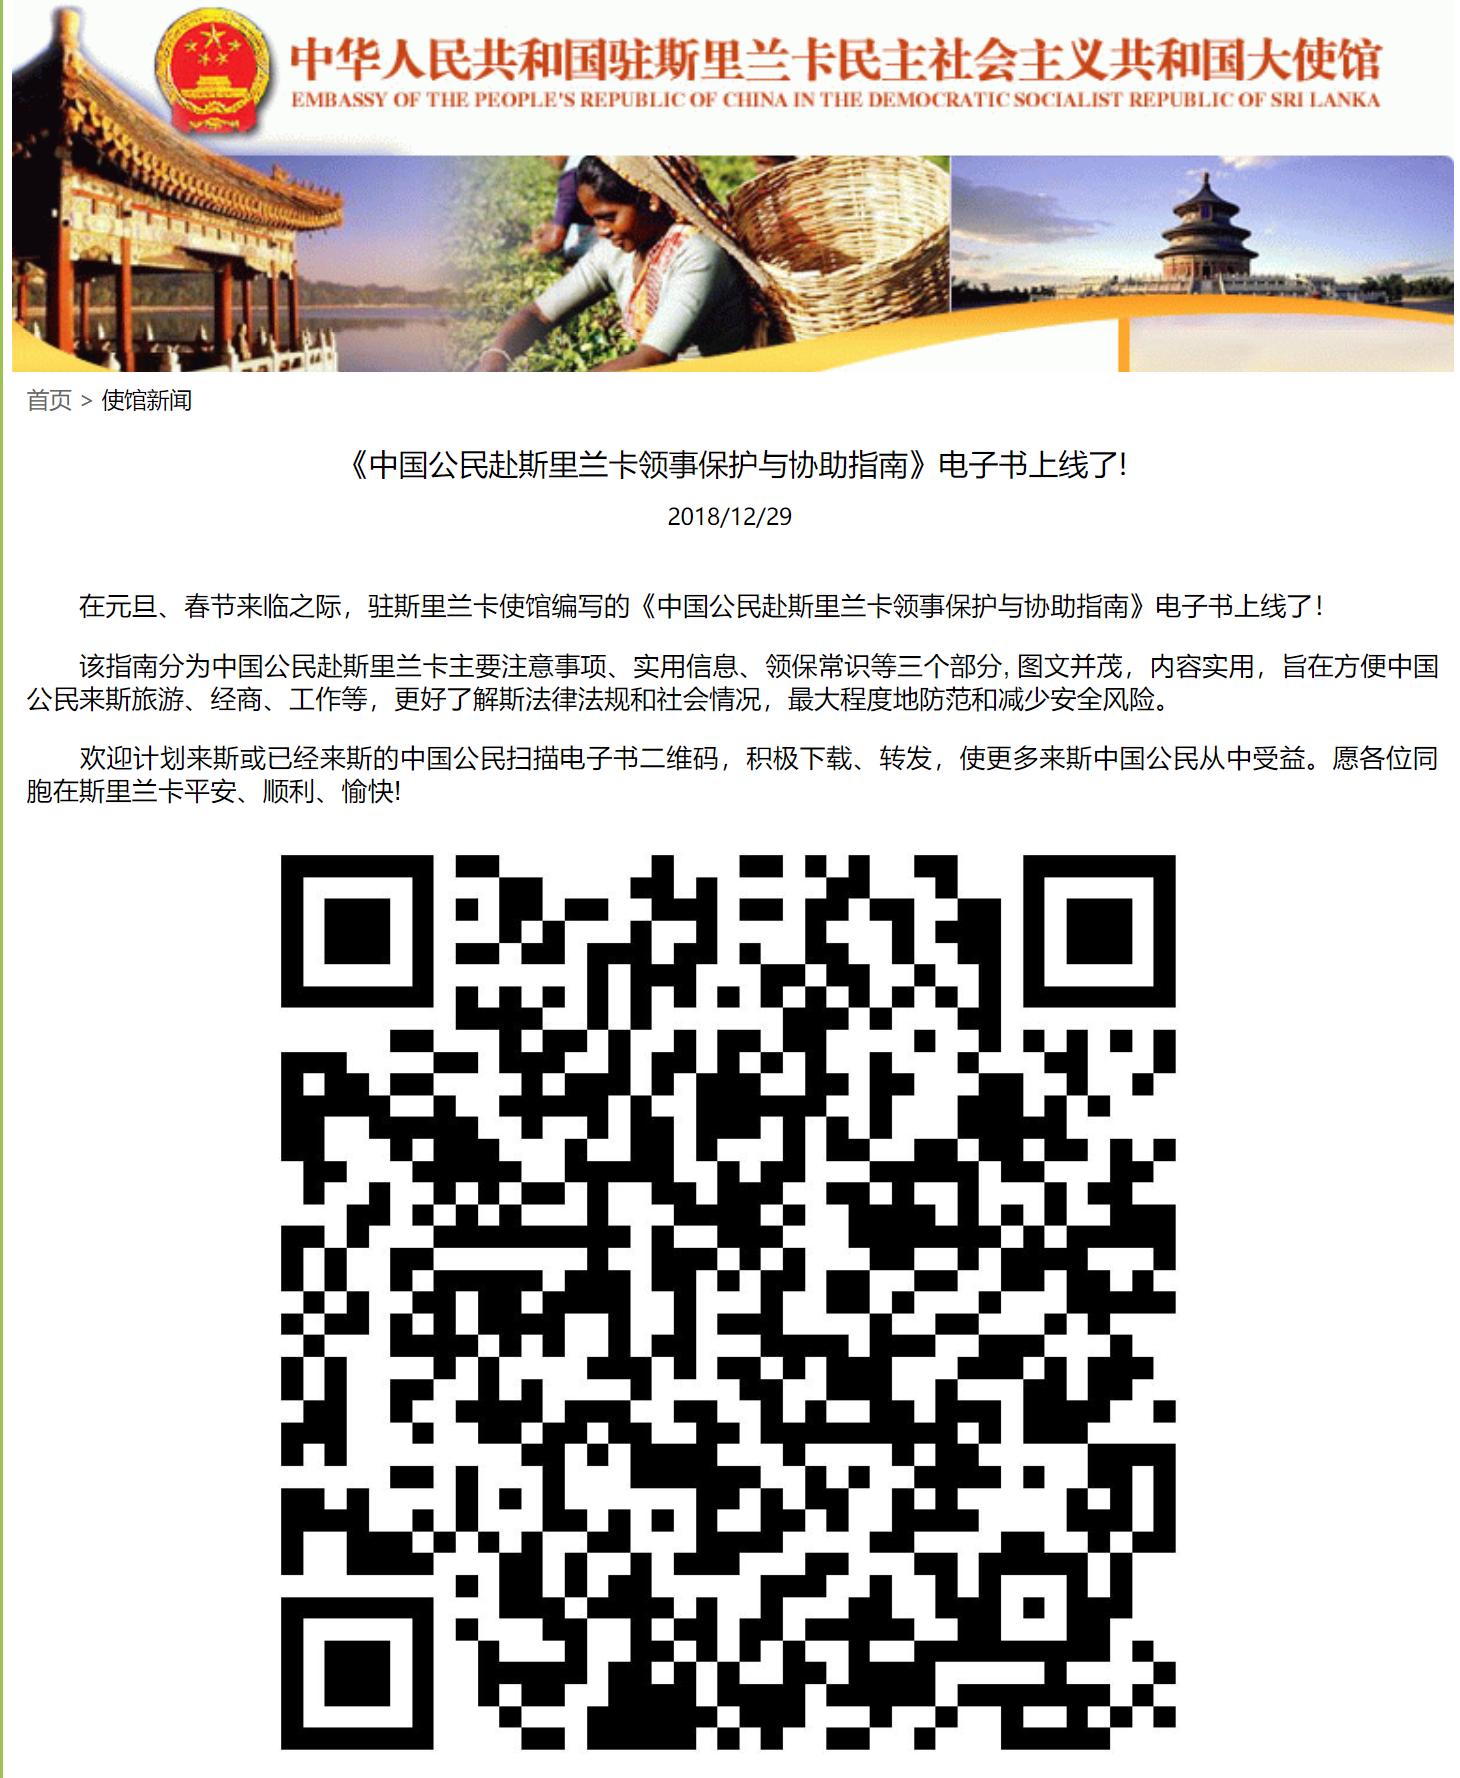 中国公民赴斯里兰卡领事保护与协助指南电子书上线